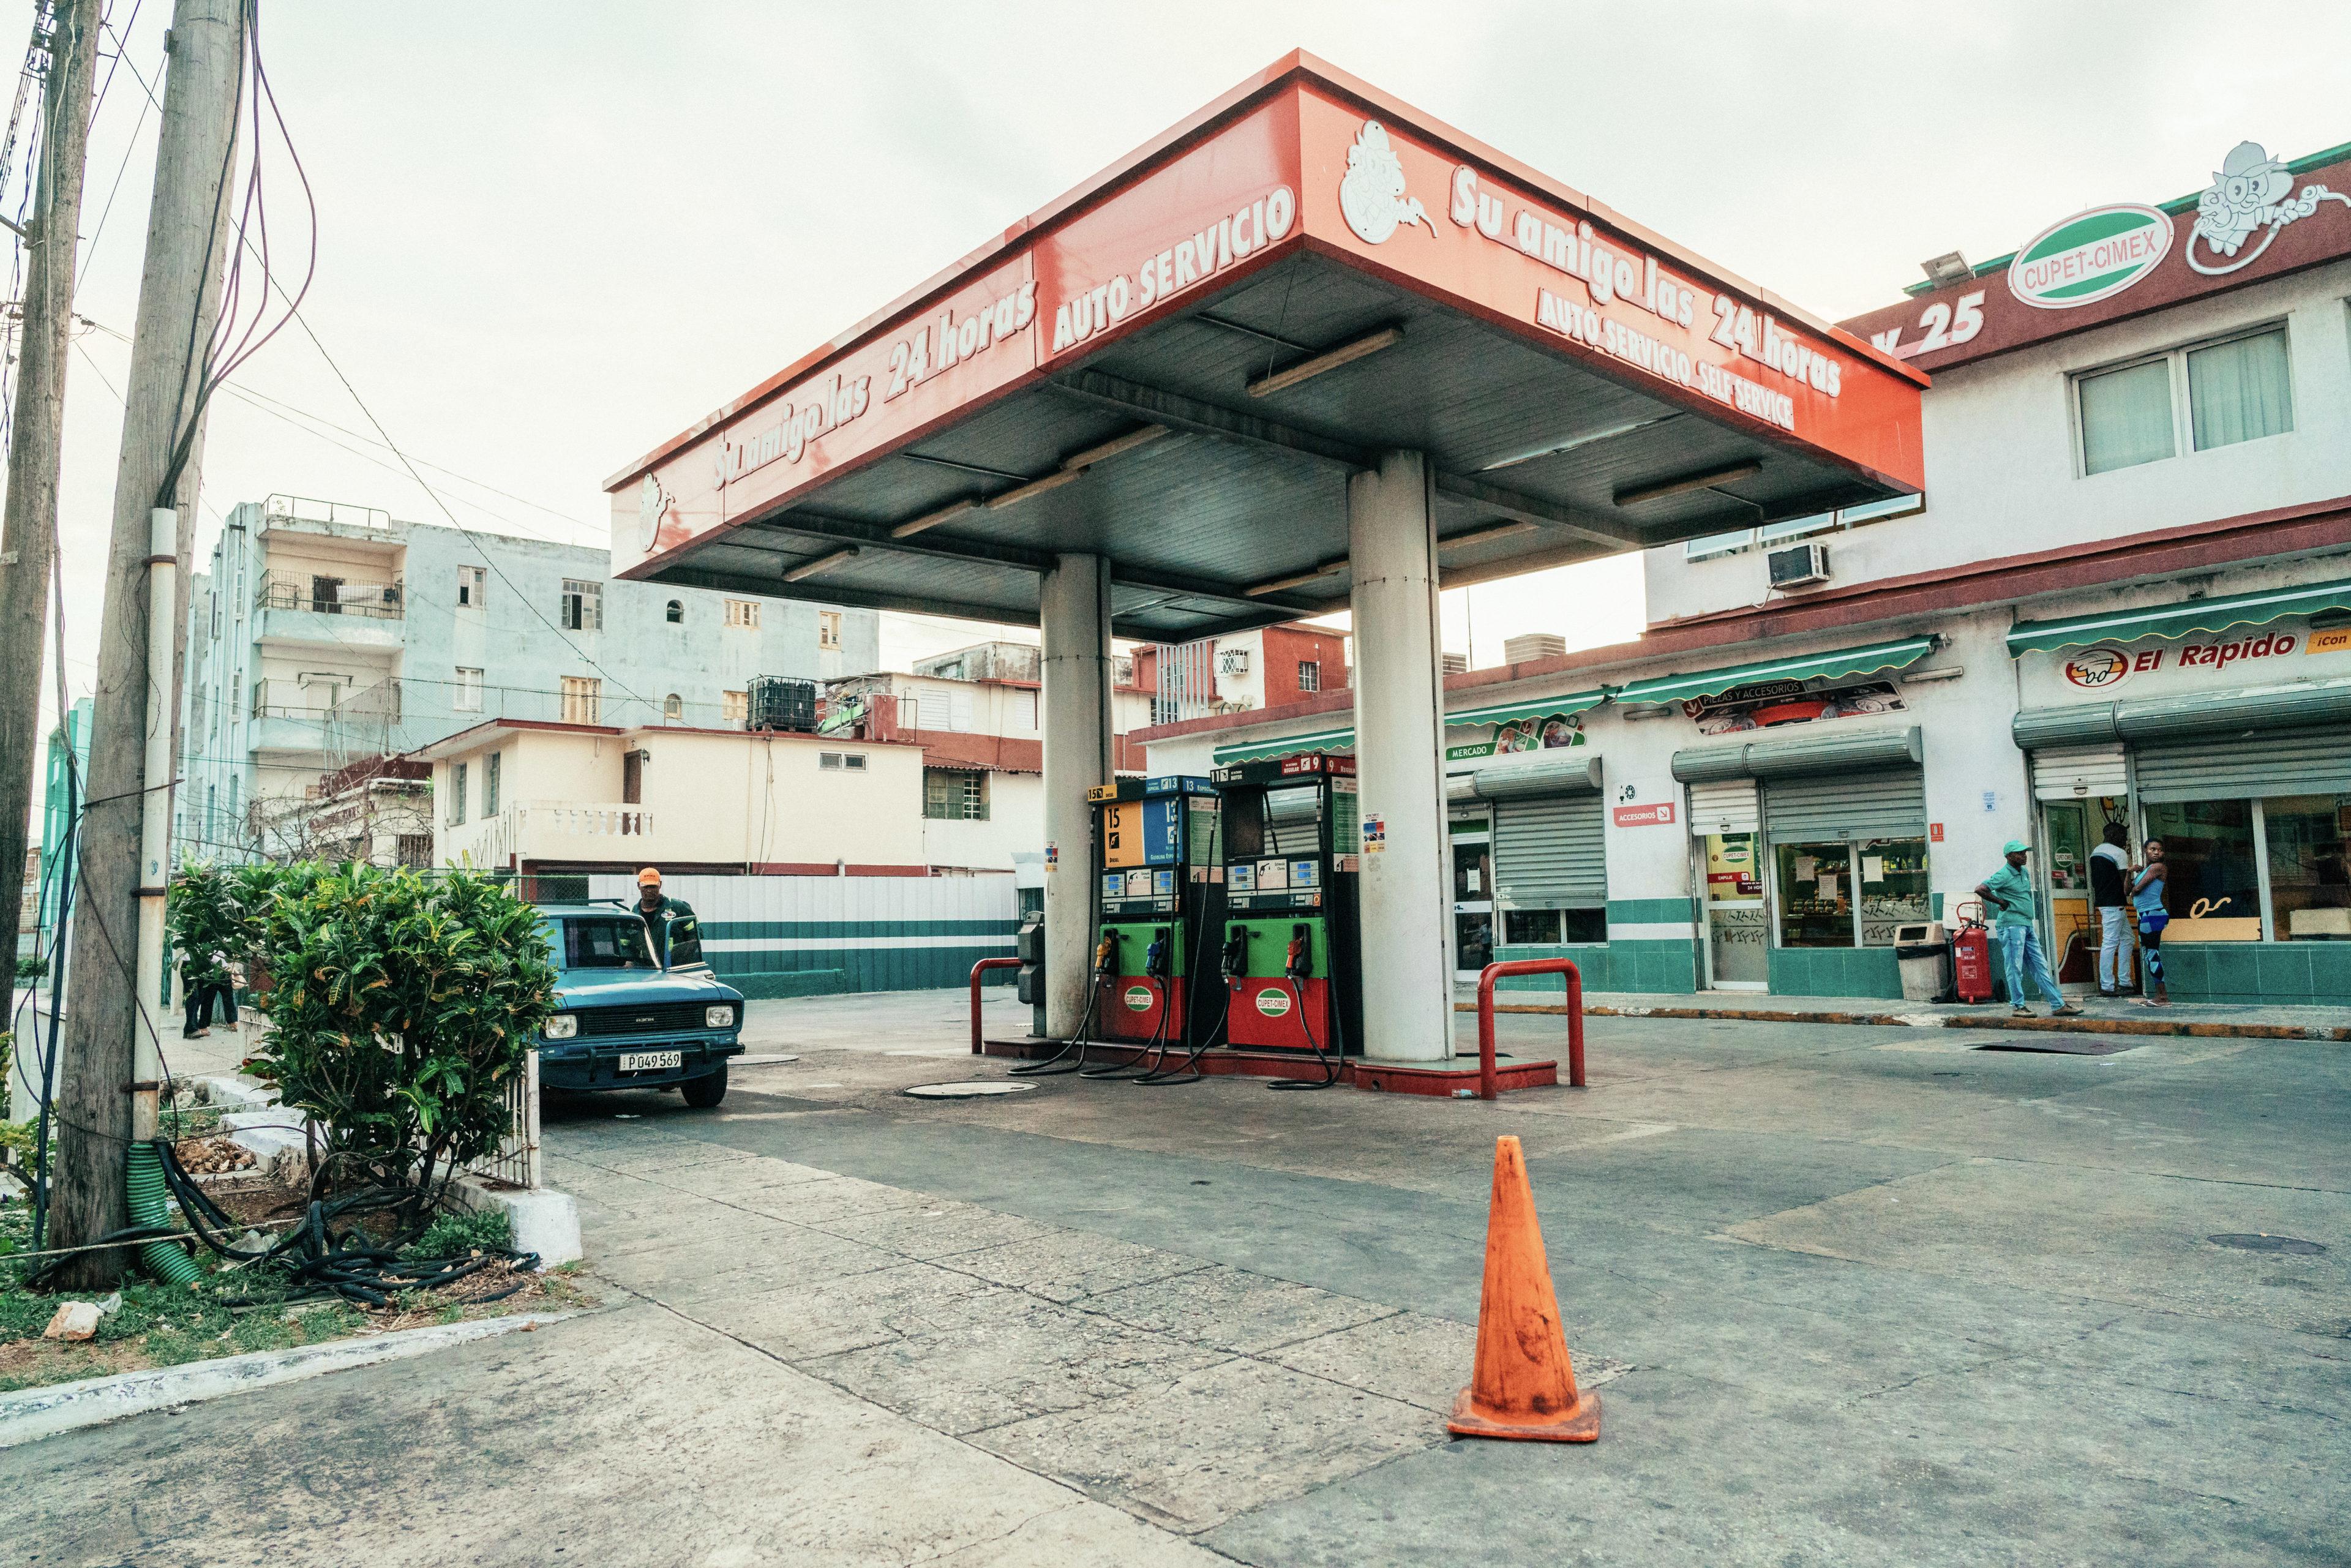 Eine Tankstelle in Kuba